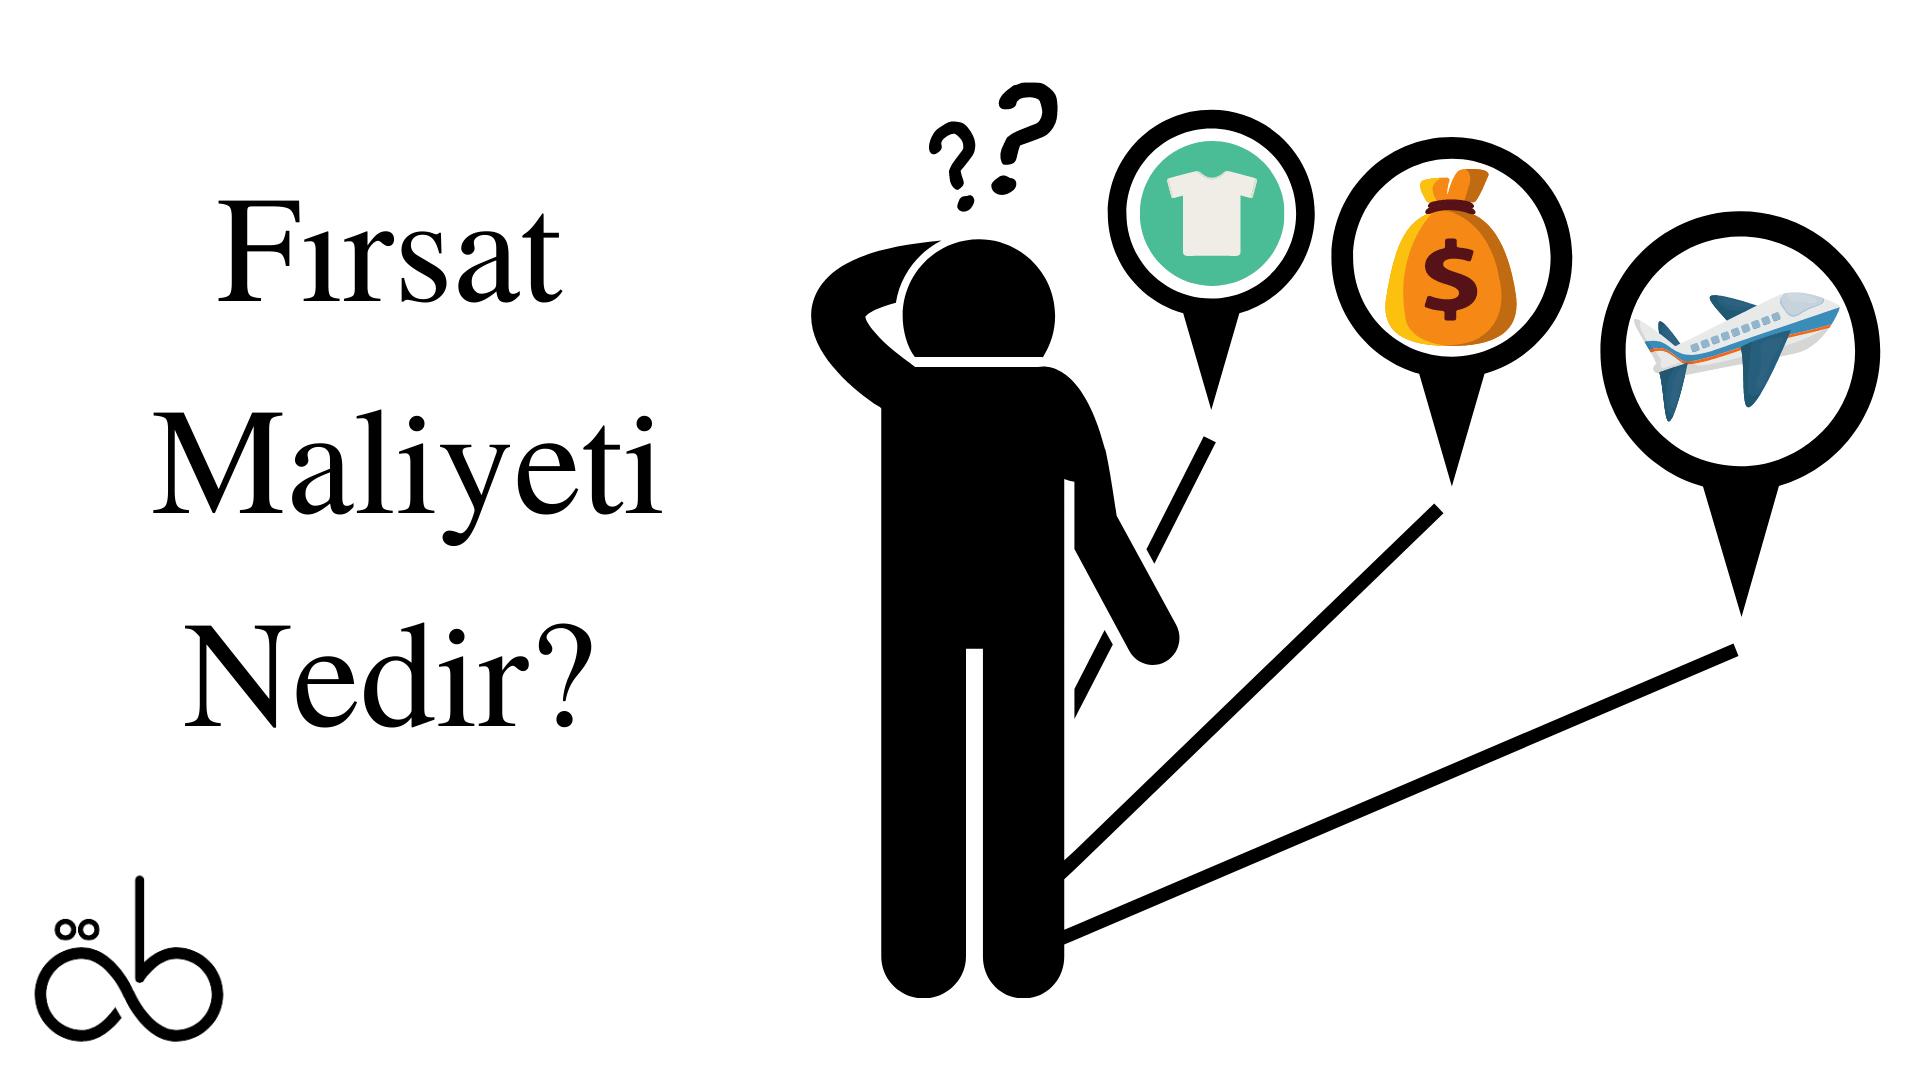 fırsat maliyeti nedir